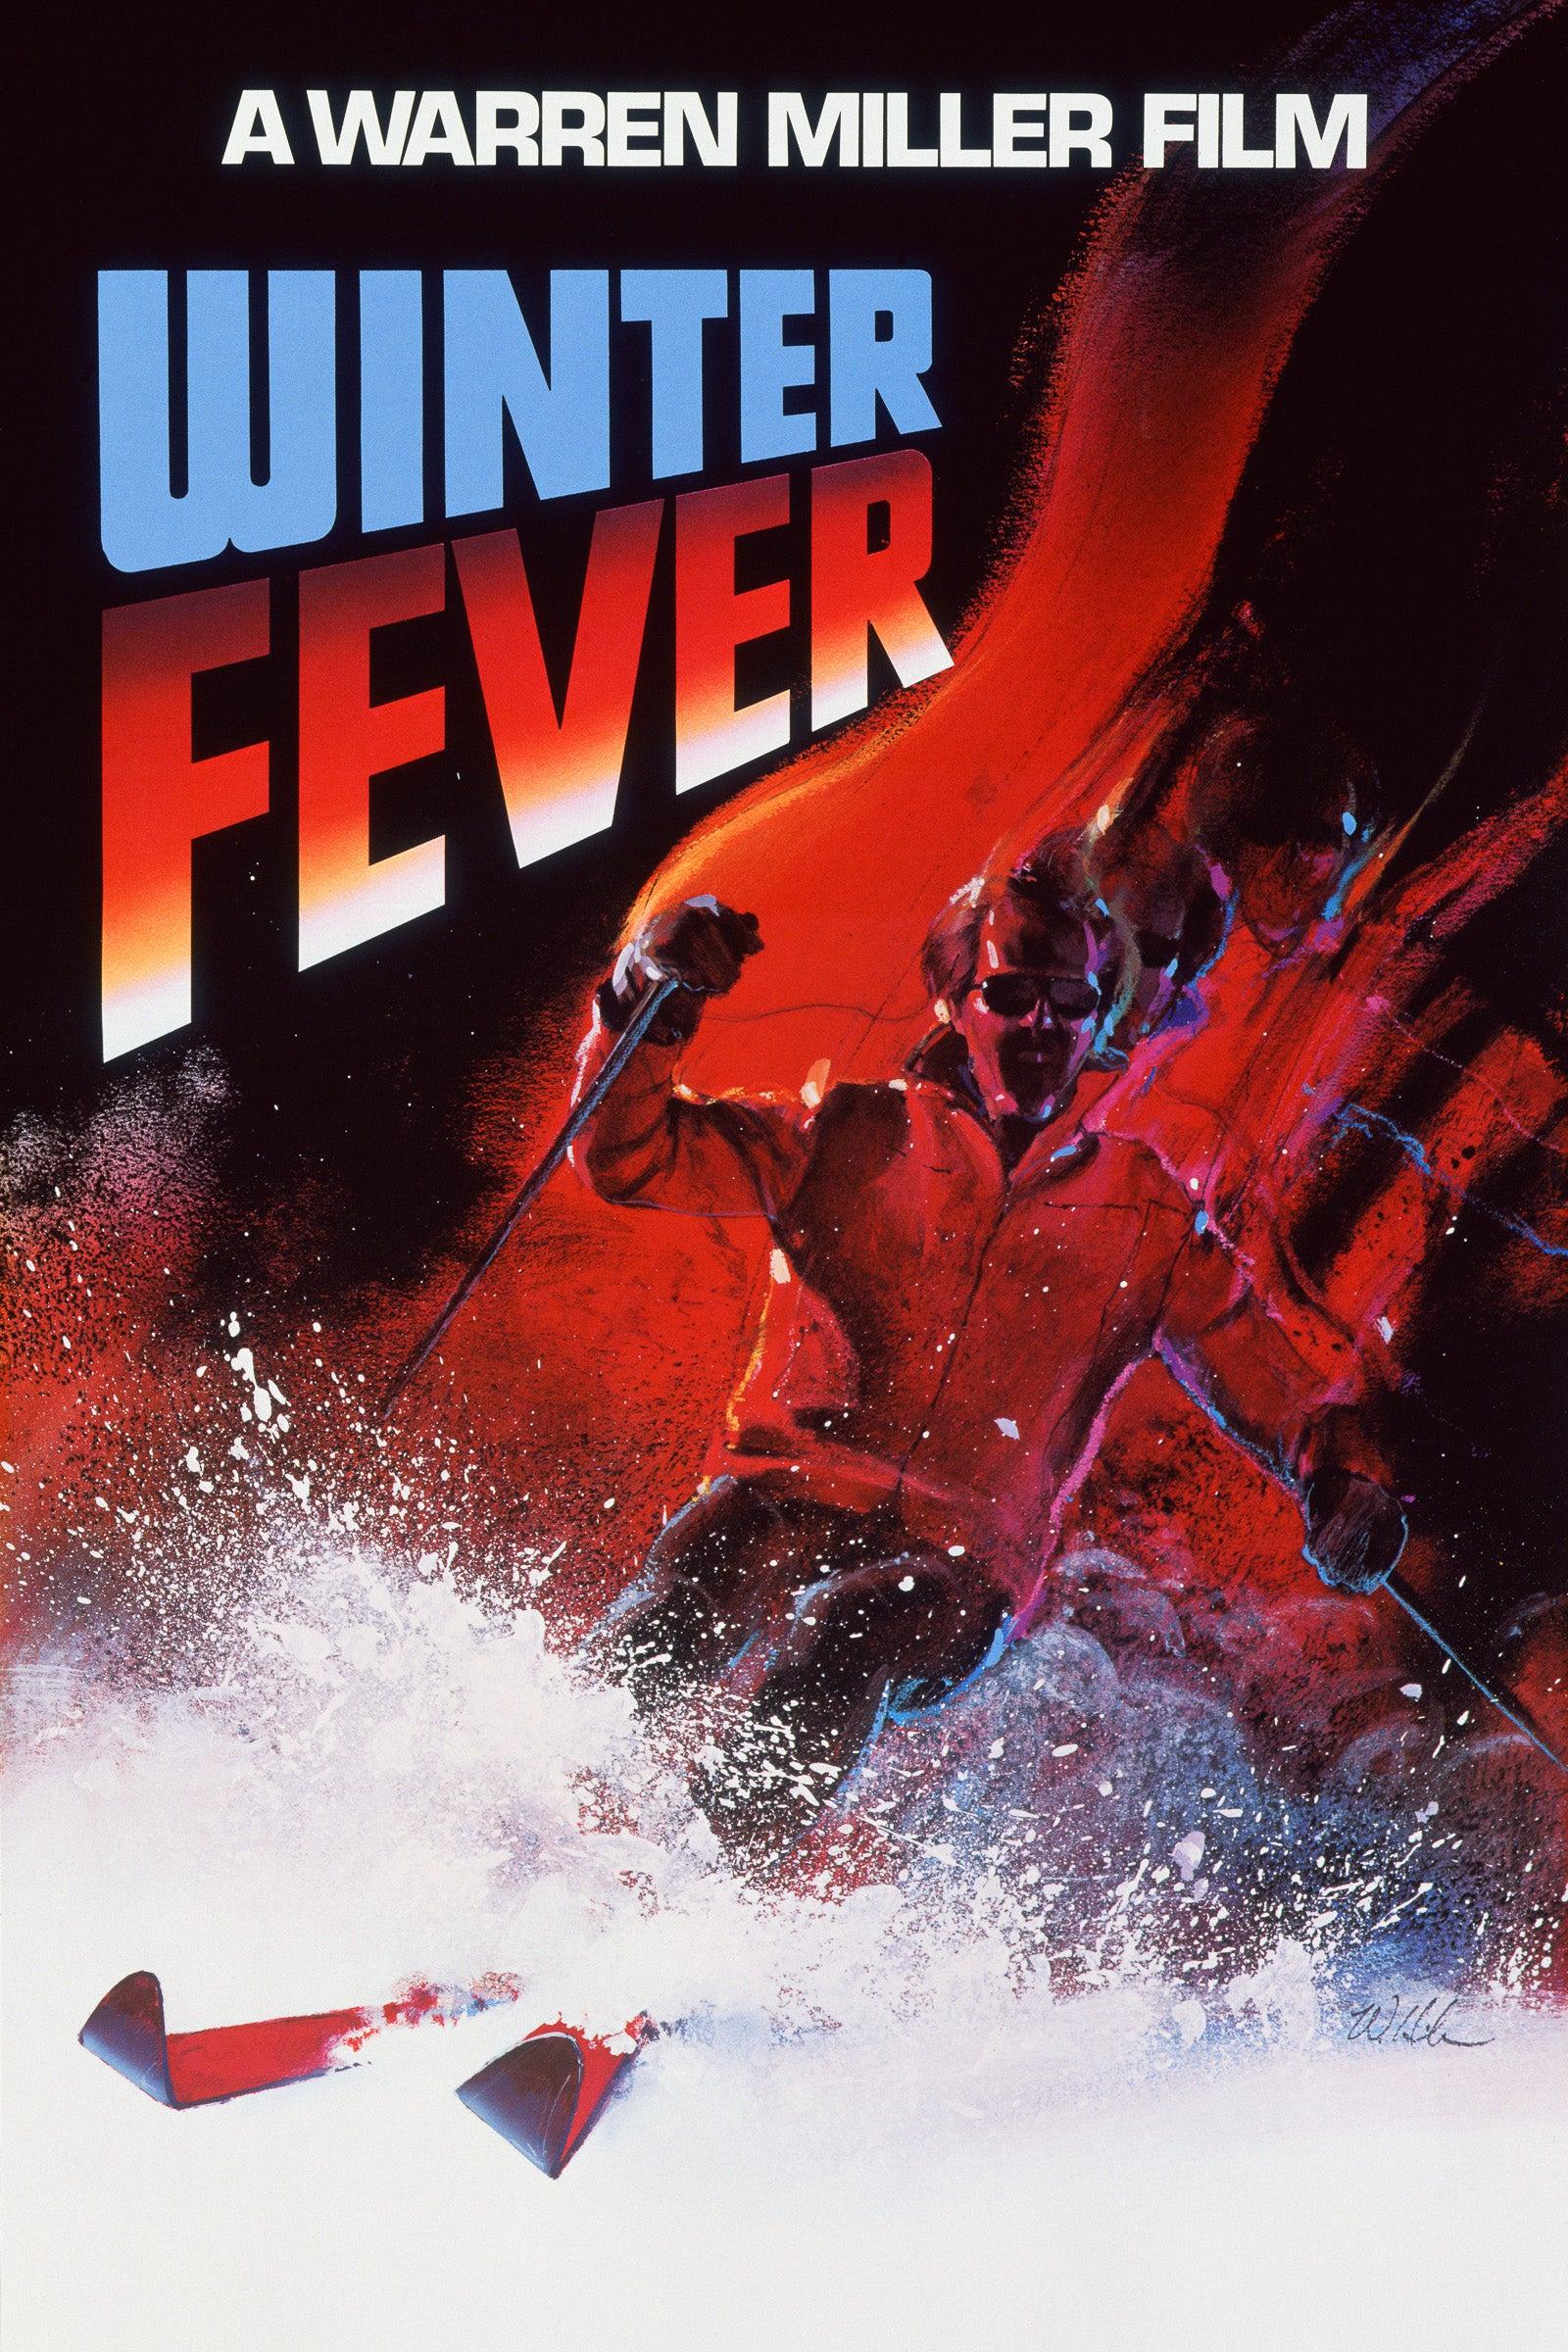 Winter Fever (1979)